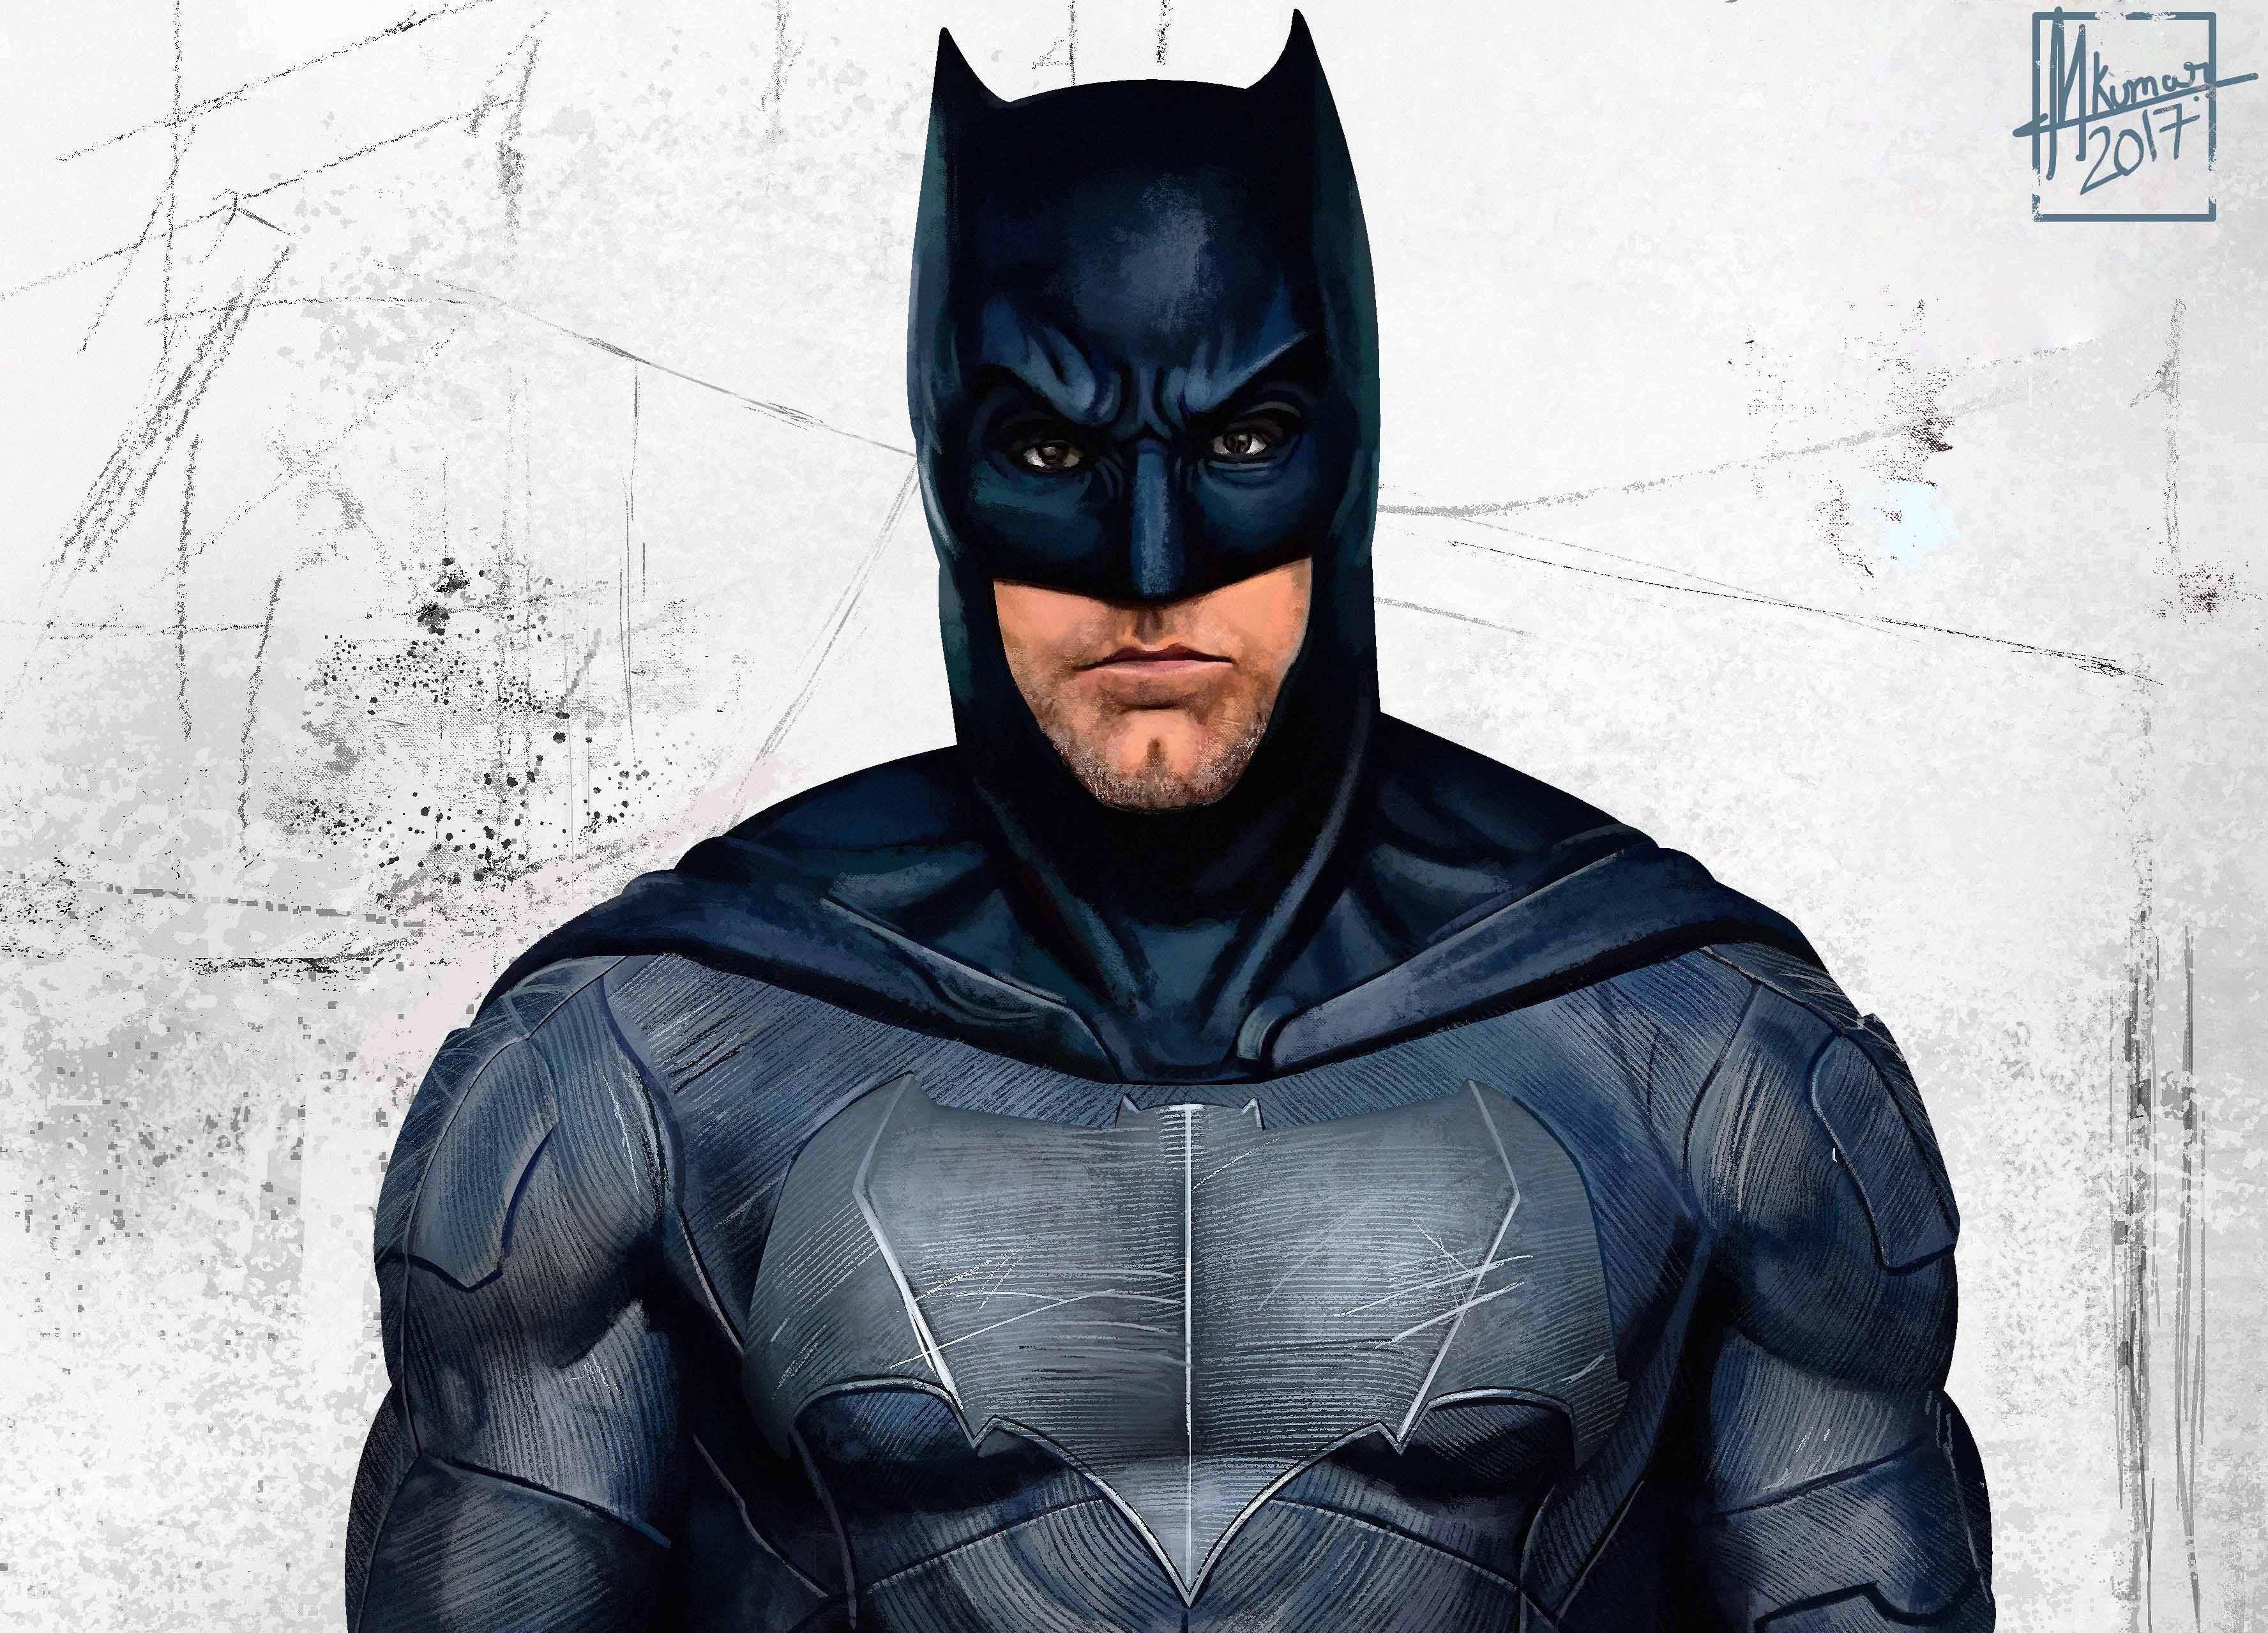 Wallpaper Fan Art 4k Pubattlegrounds: Batman Justice League Fan Art 4k, HD Movies, 4k Wallpapers